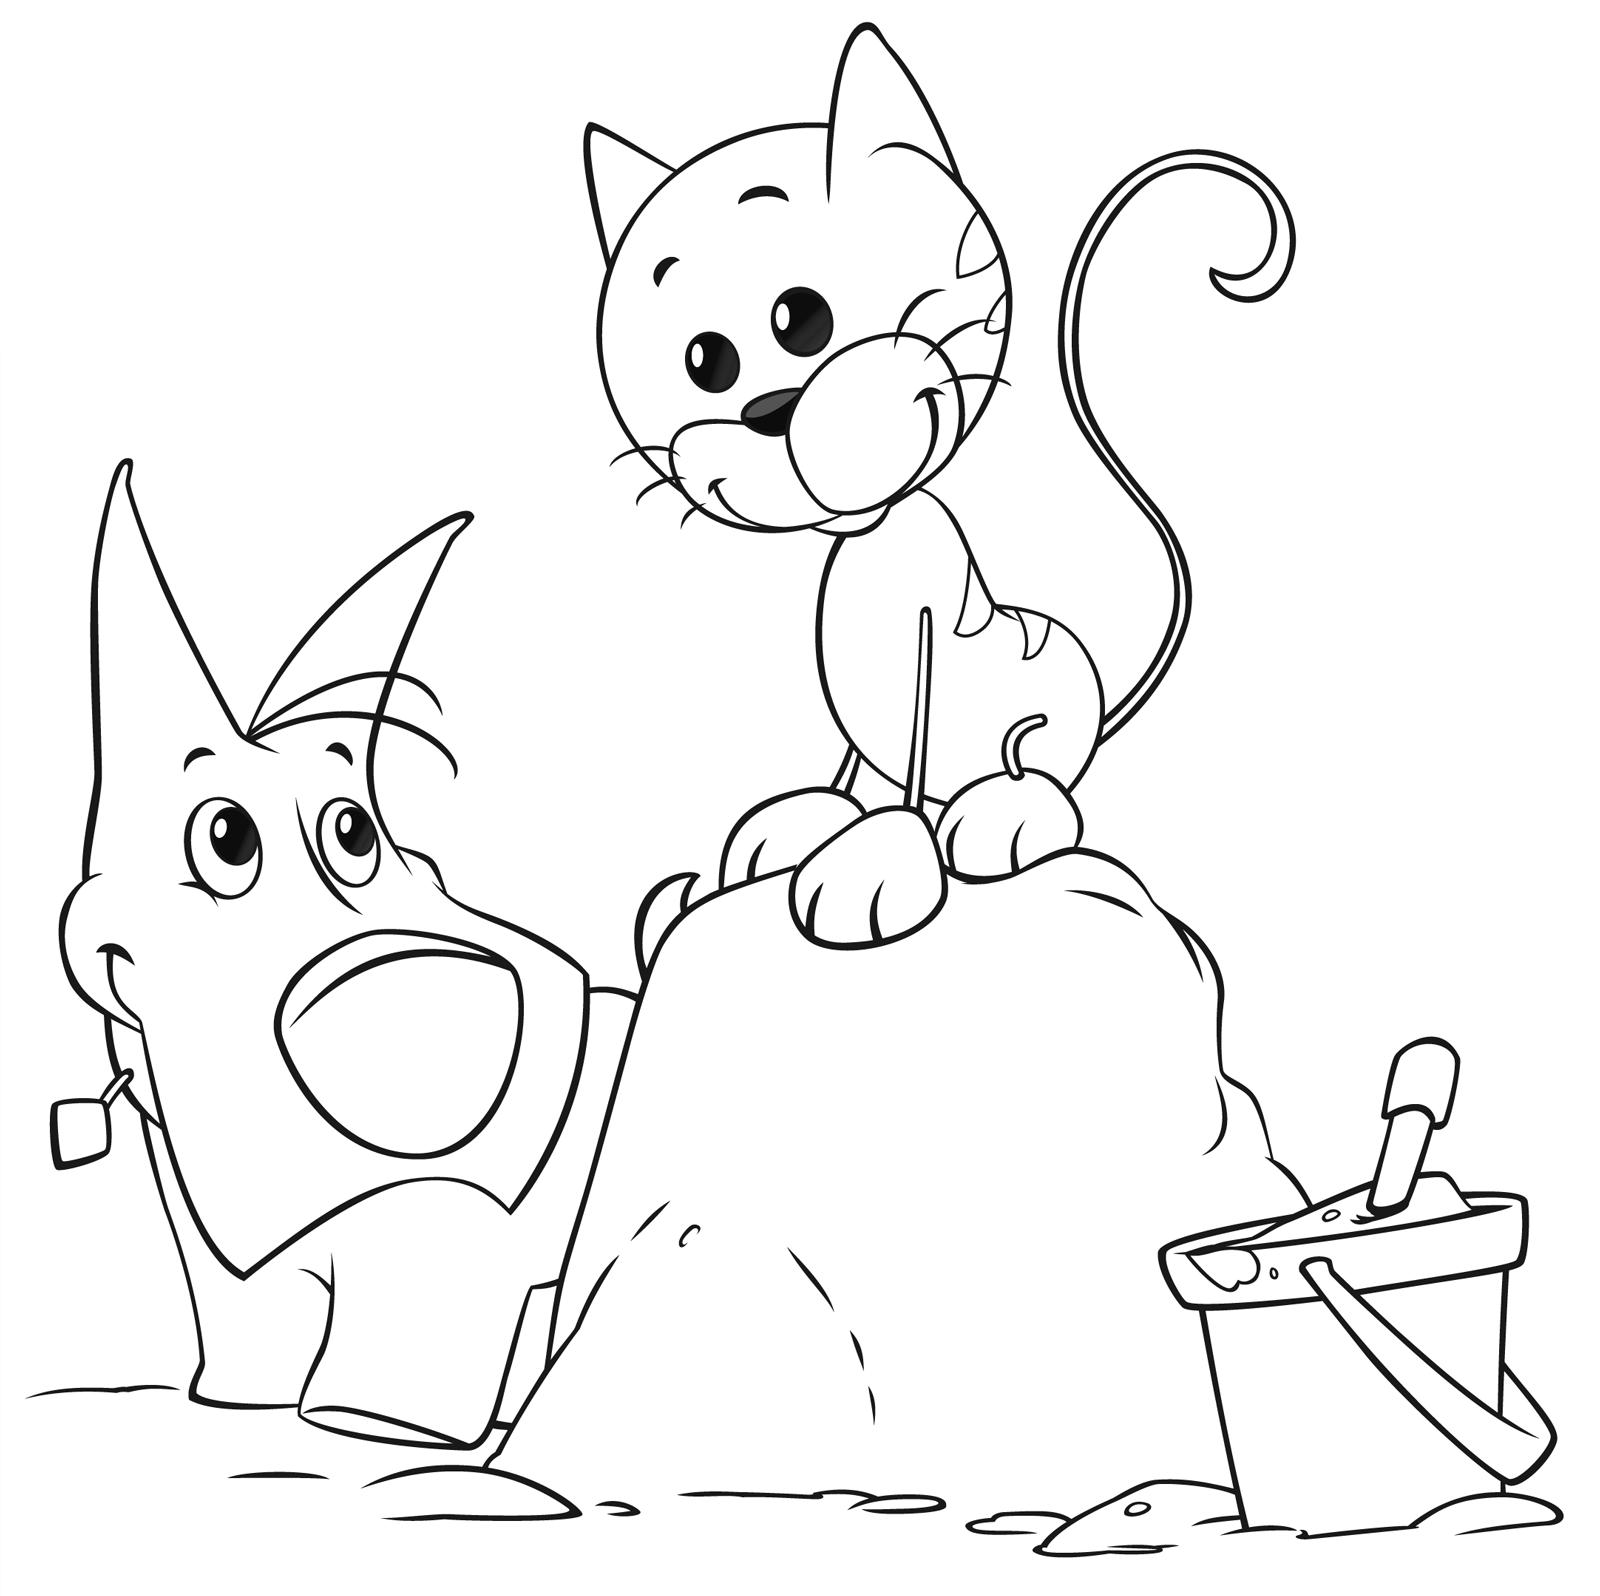 Cuccioli portatile e olly giocano sulla sabbia for Super pigiamini disegni da colorare